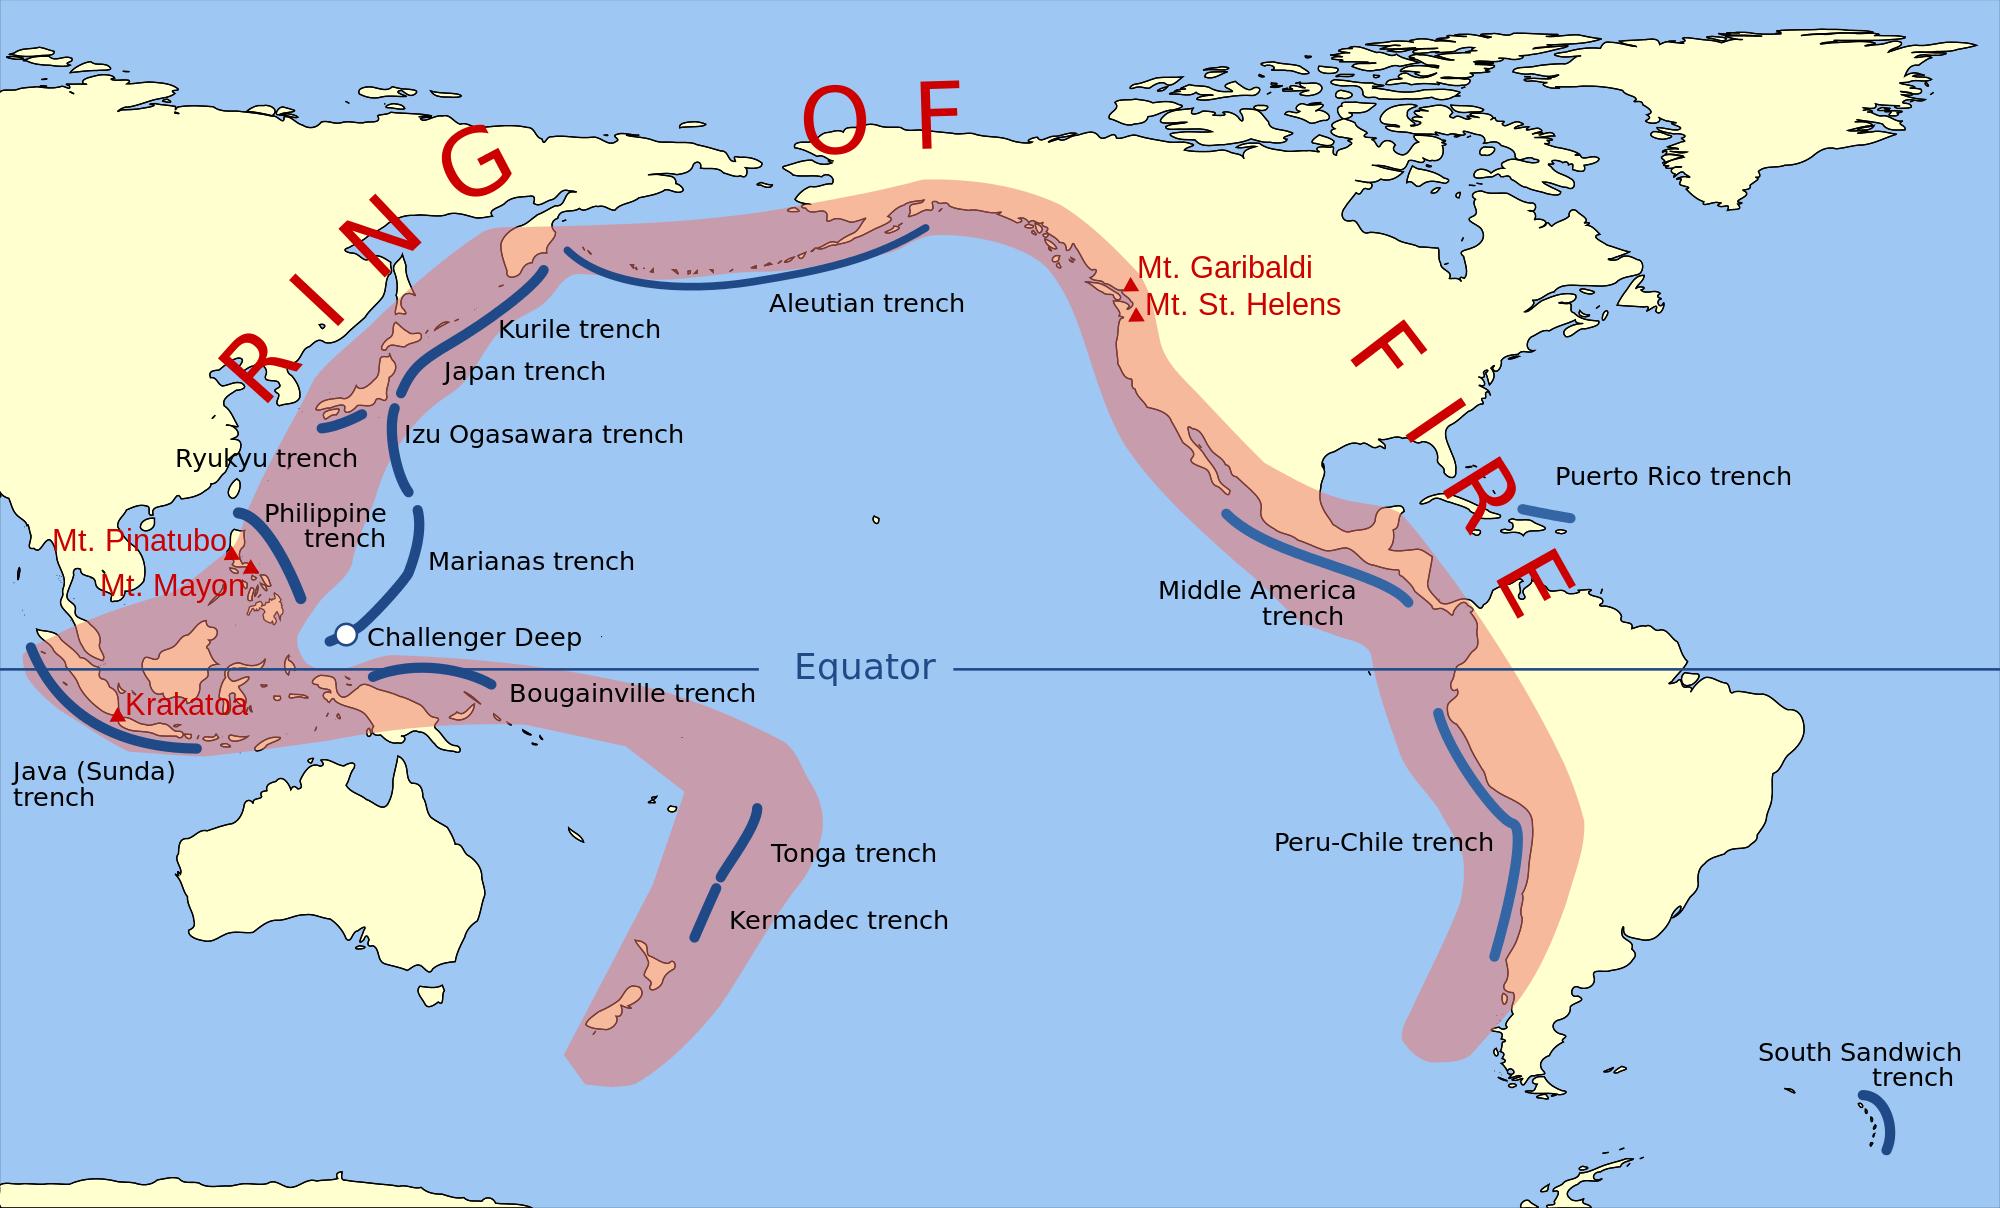 Gunung Agung sebagai gunung api aktif dari 130 gunung api di Indonesia (geography.name)